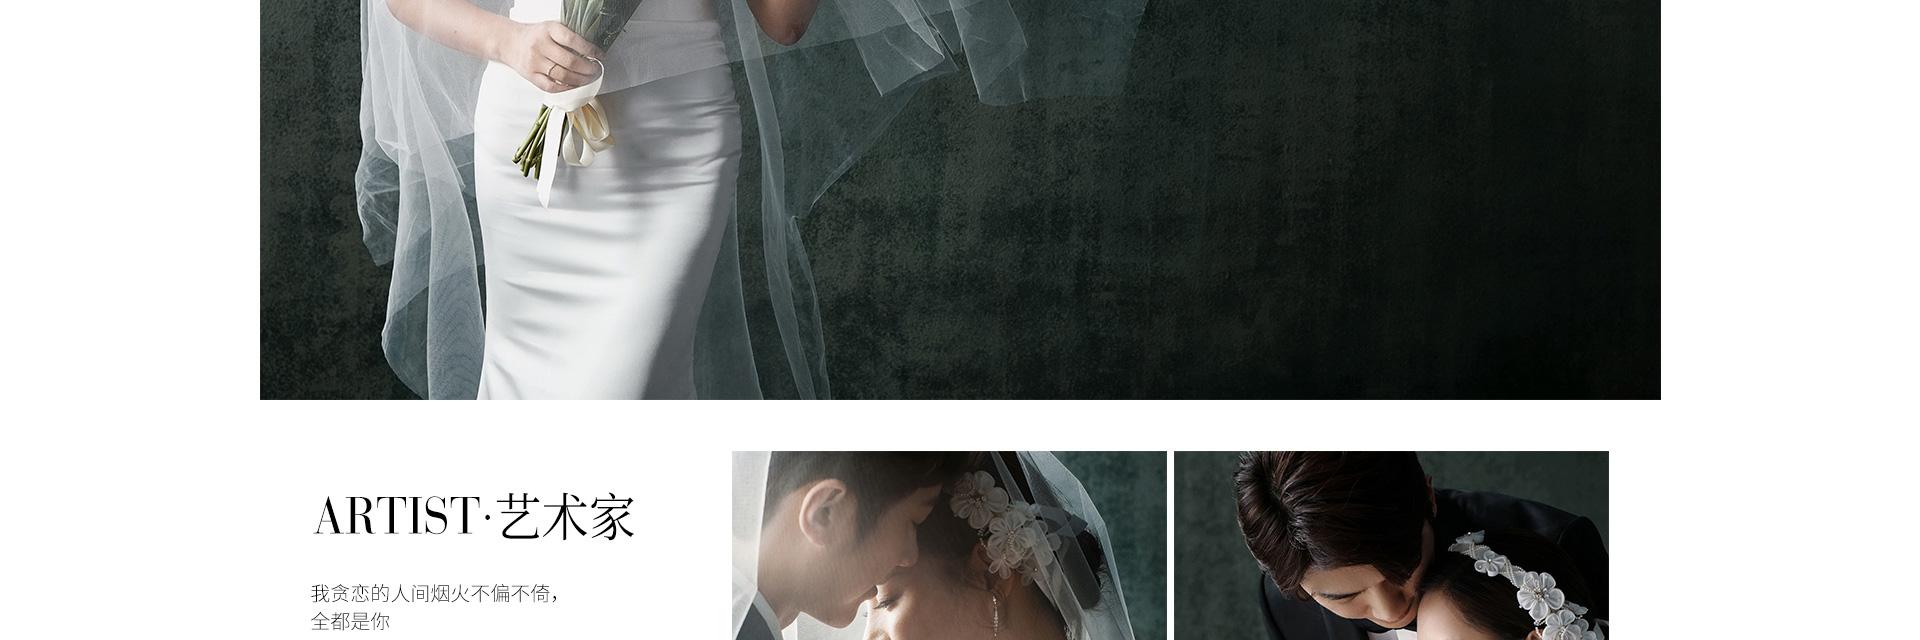 至臻人像婚纱照23.jpg